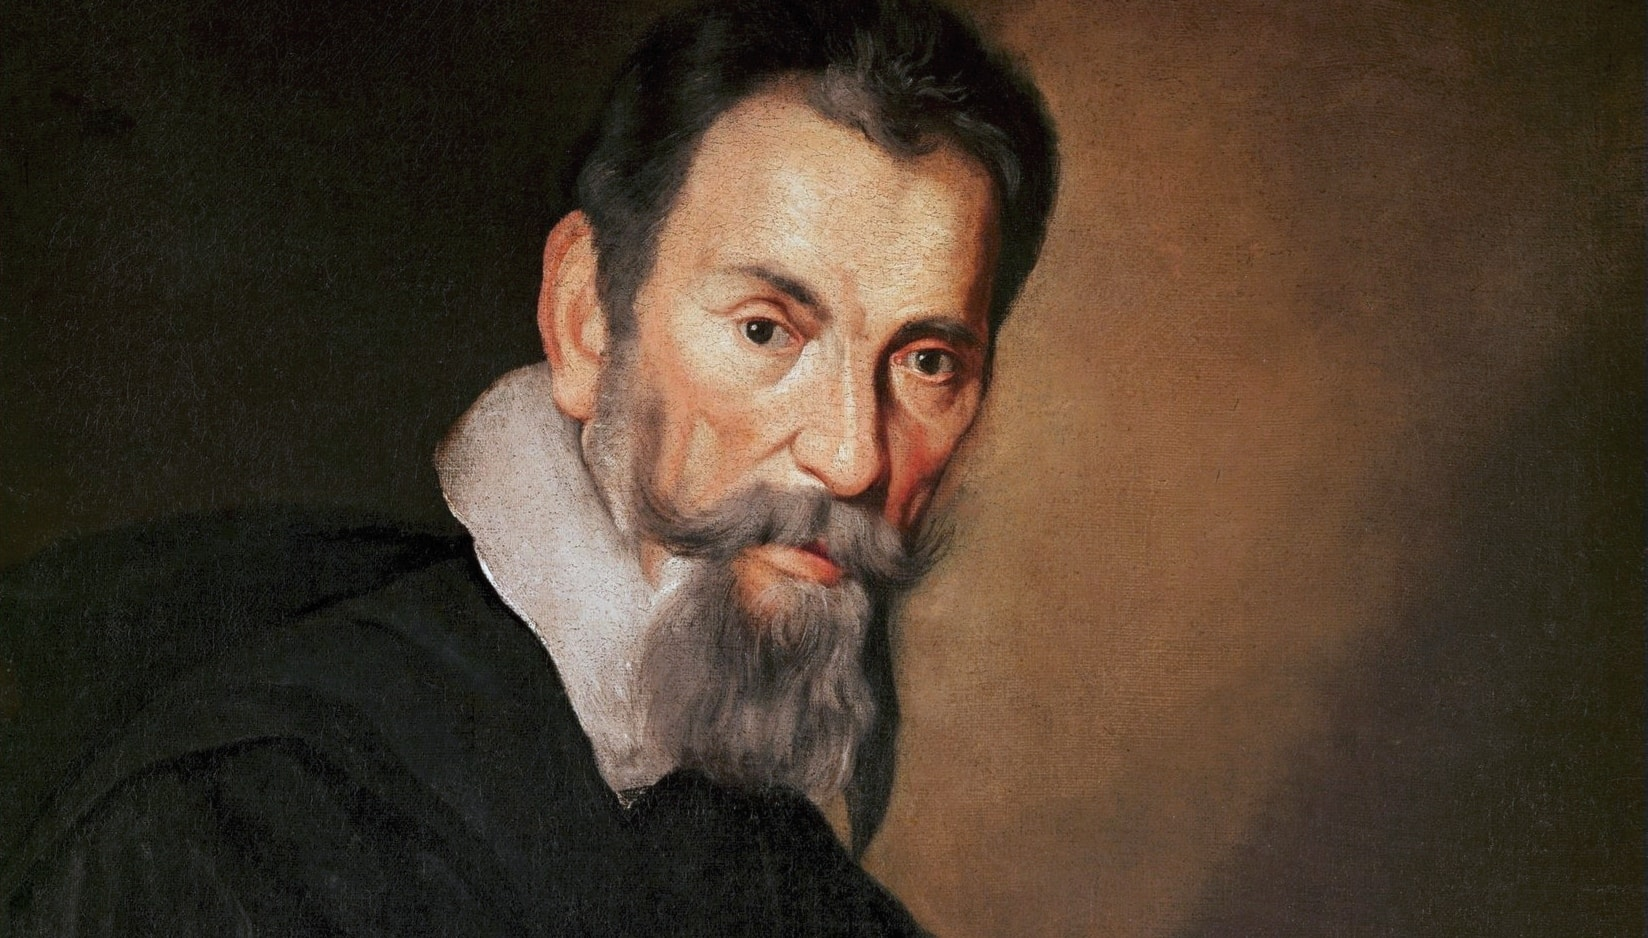 KONSERT: Mariavespern av Claudio Monteverdi